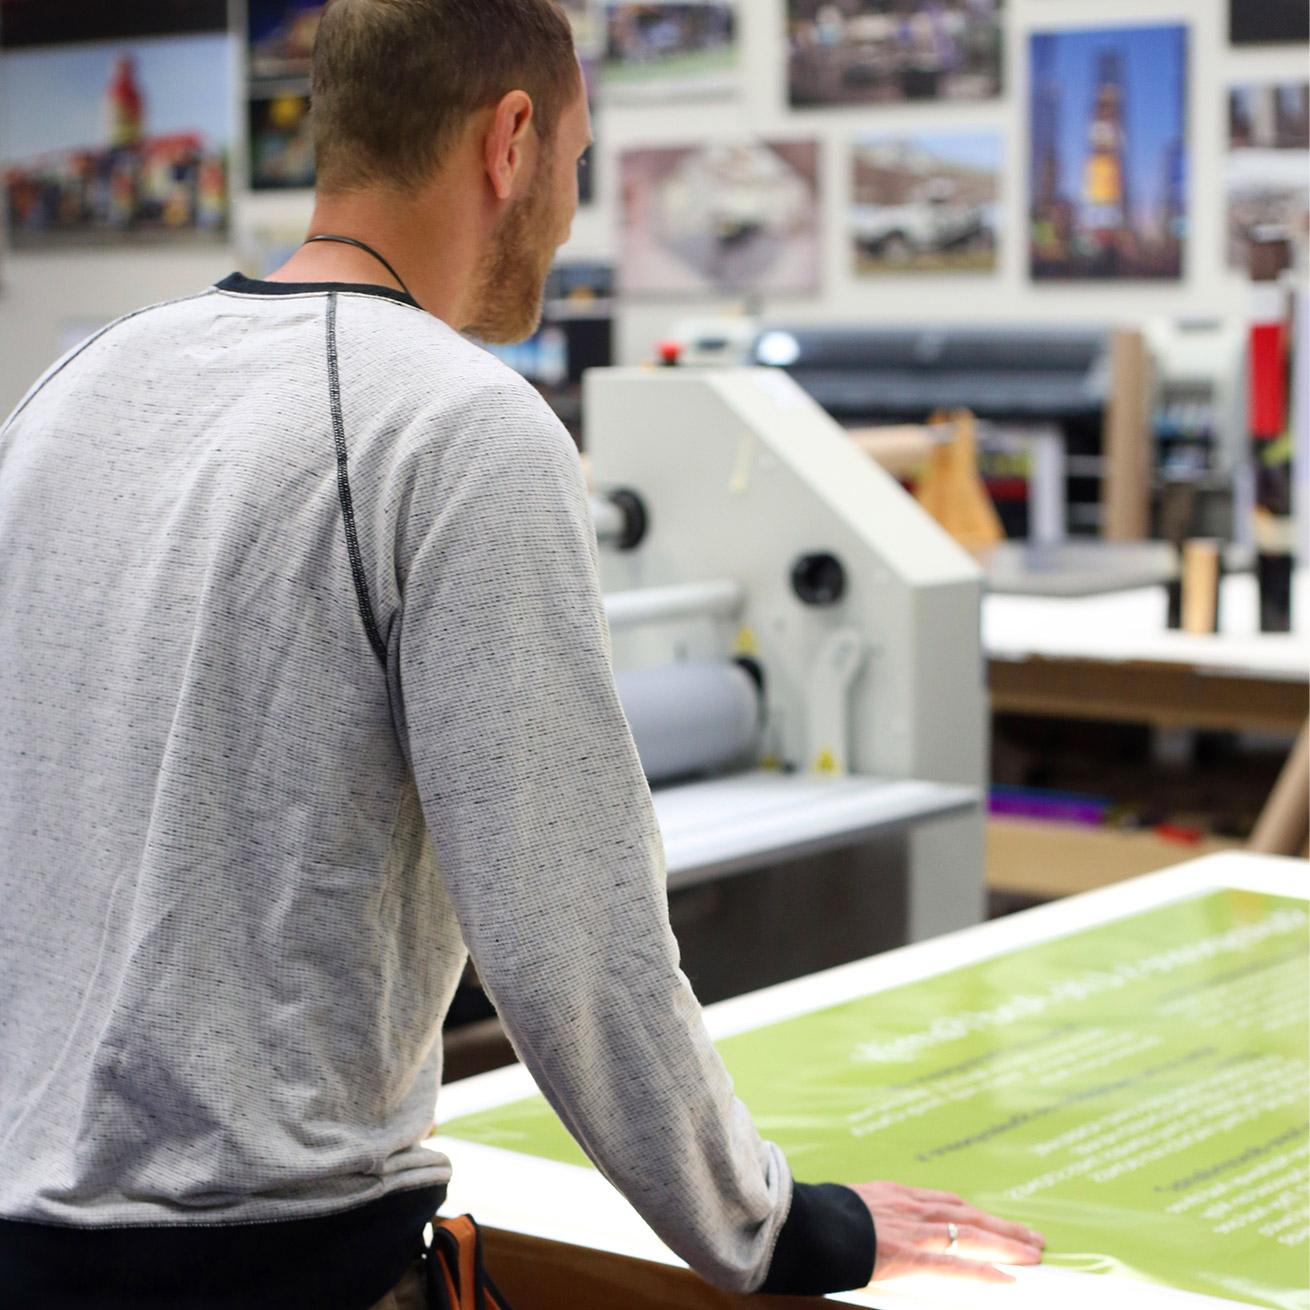 Large Format Printing St. Louis